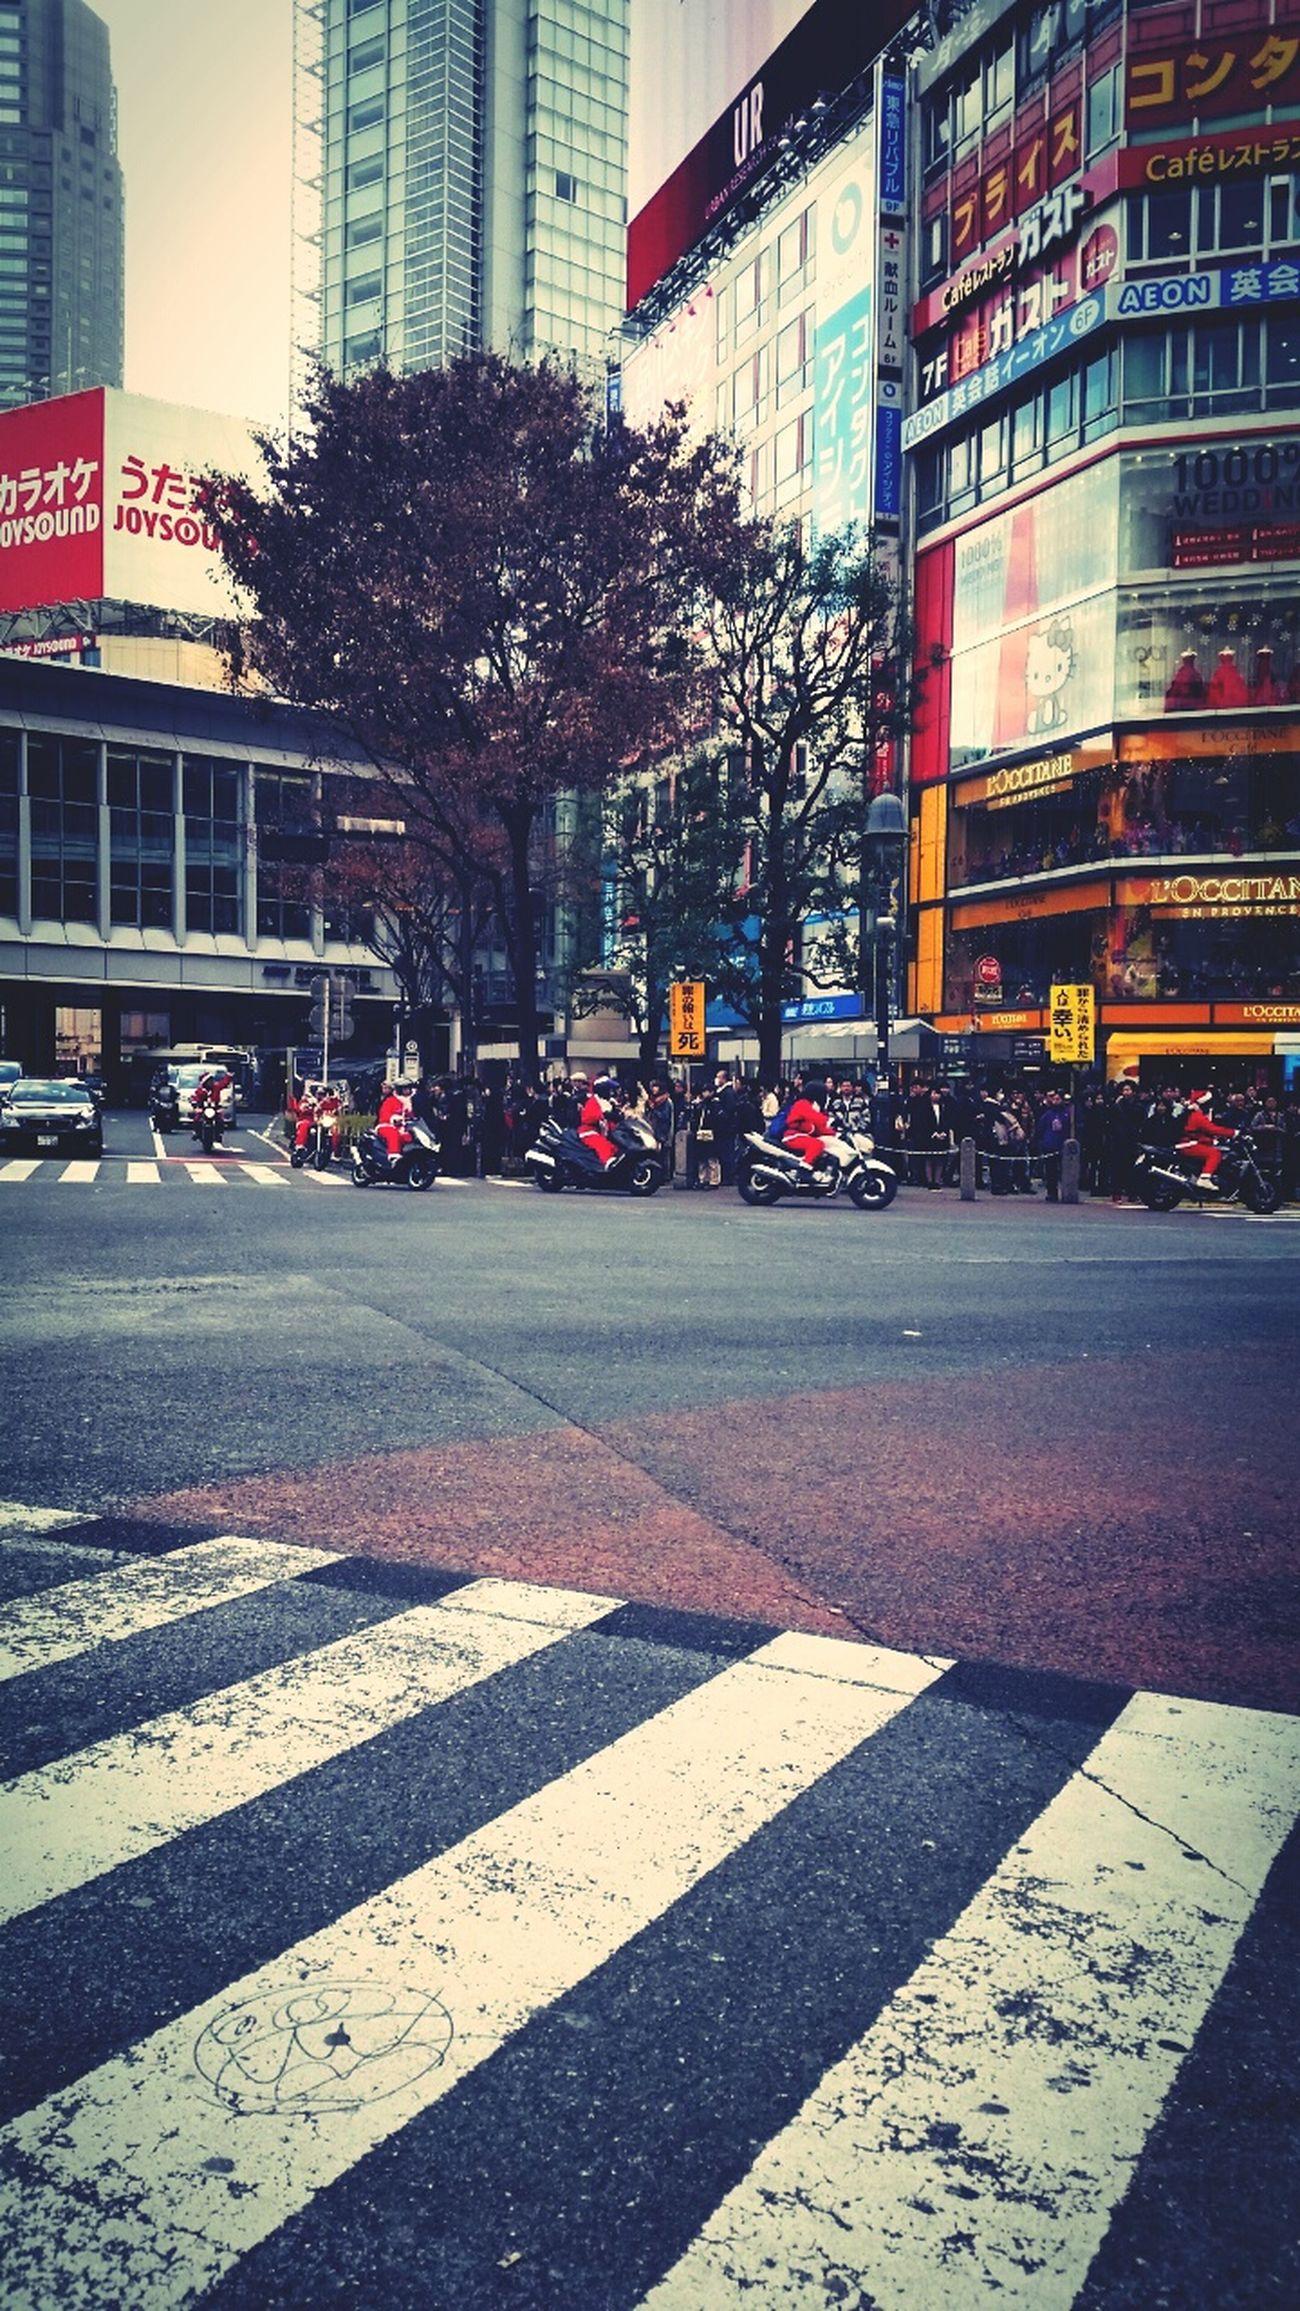 渋谷、スクランブル交差点にサンタ族。